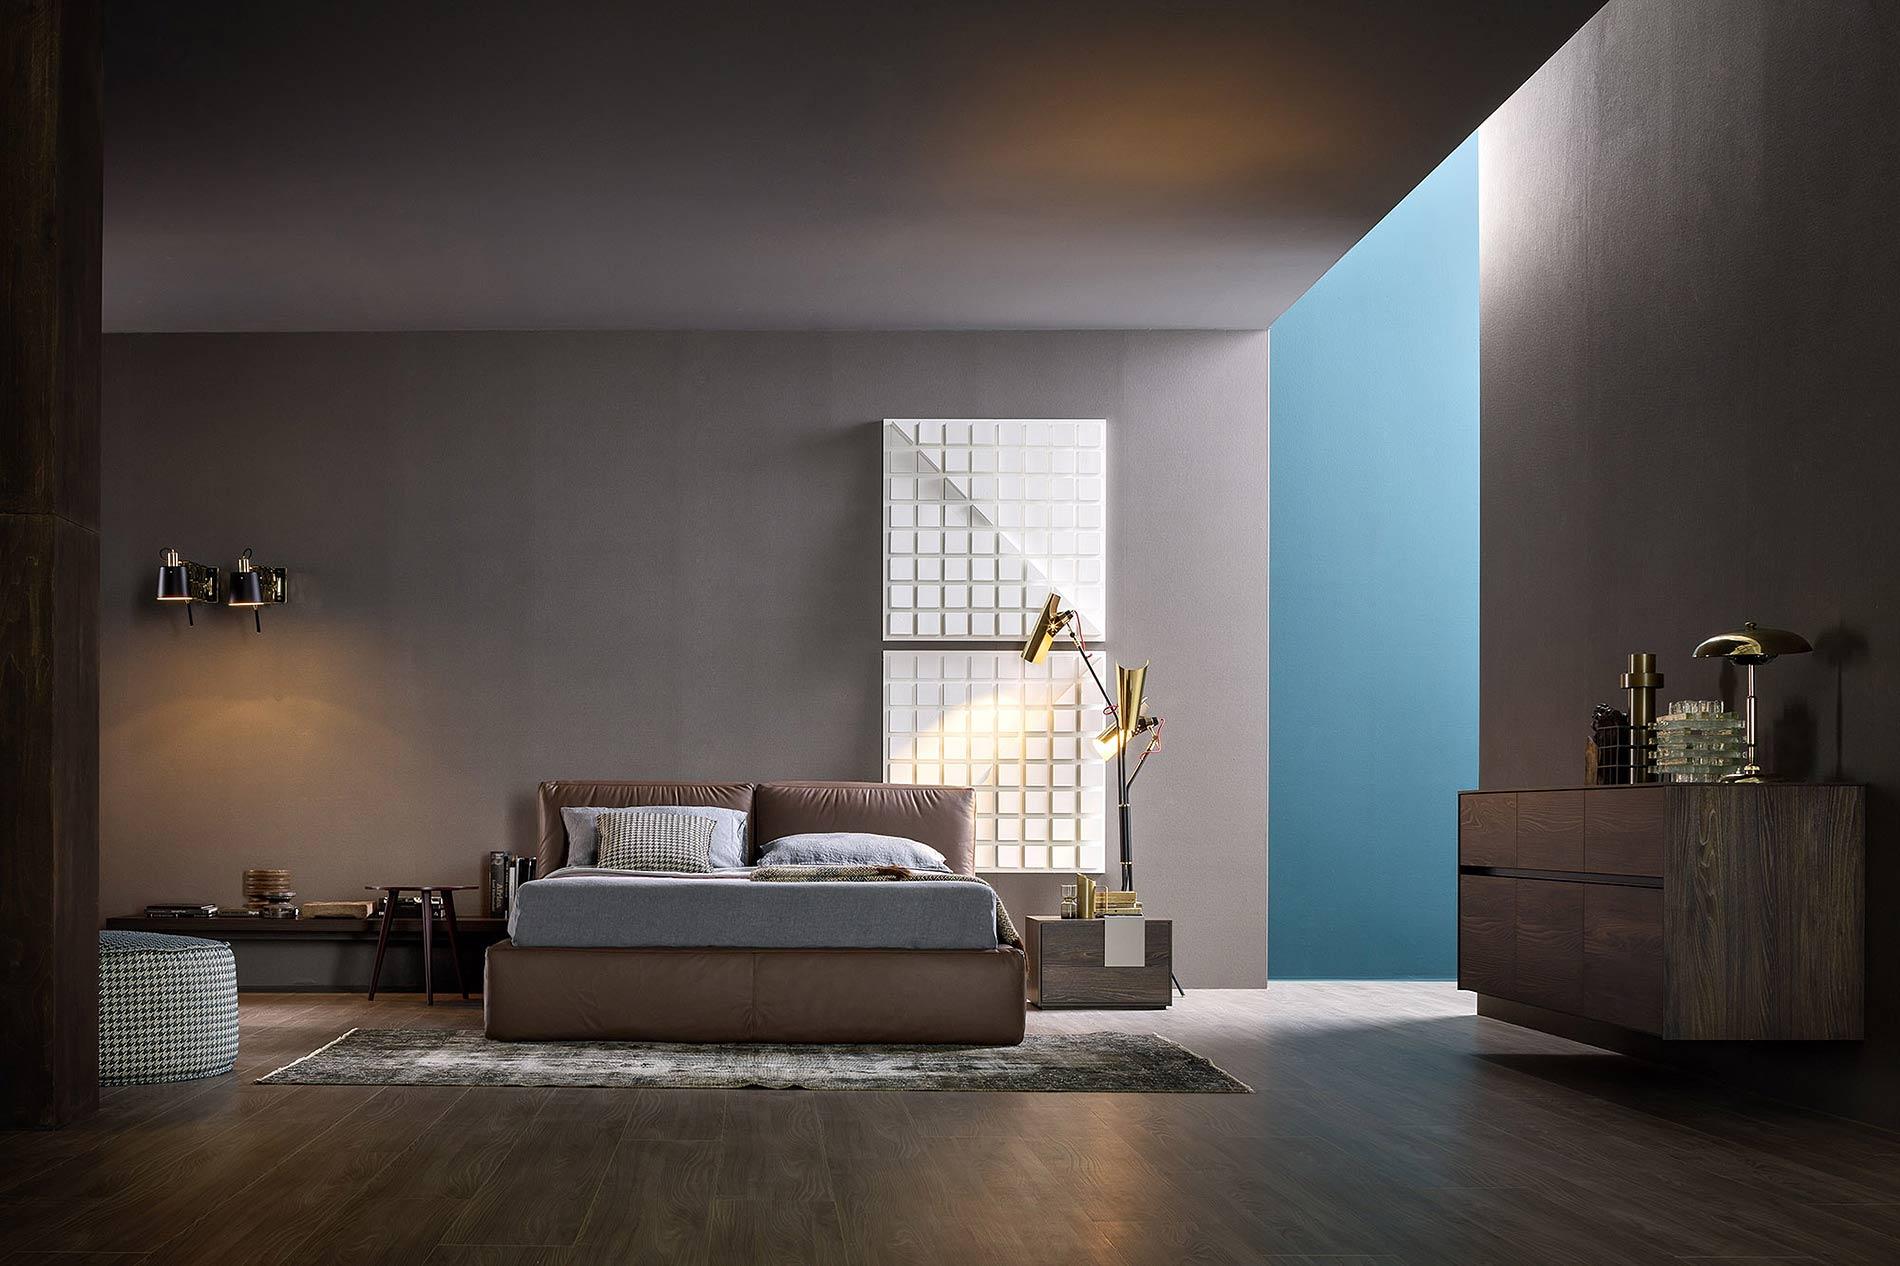 Fesselnd Dunkles Luxus Design Schlafzimmer